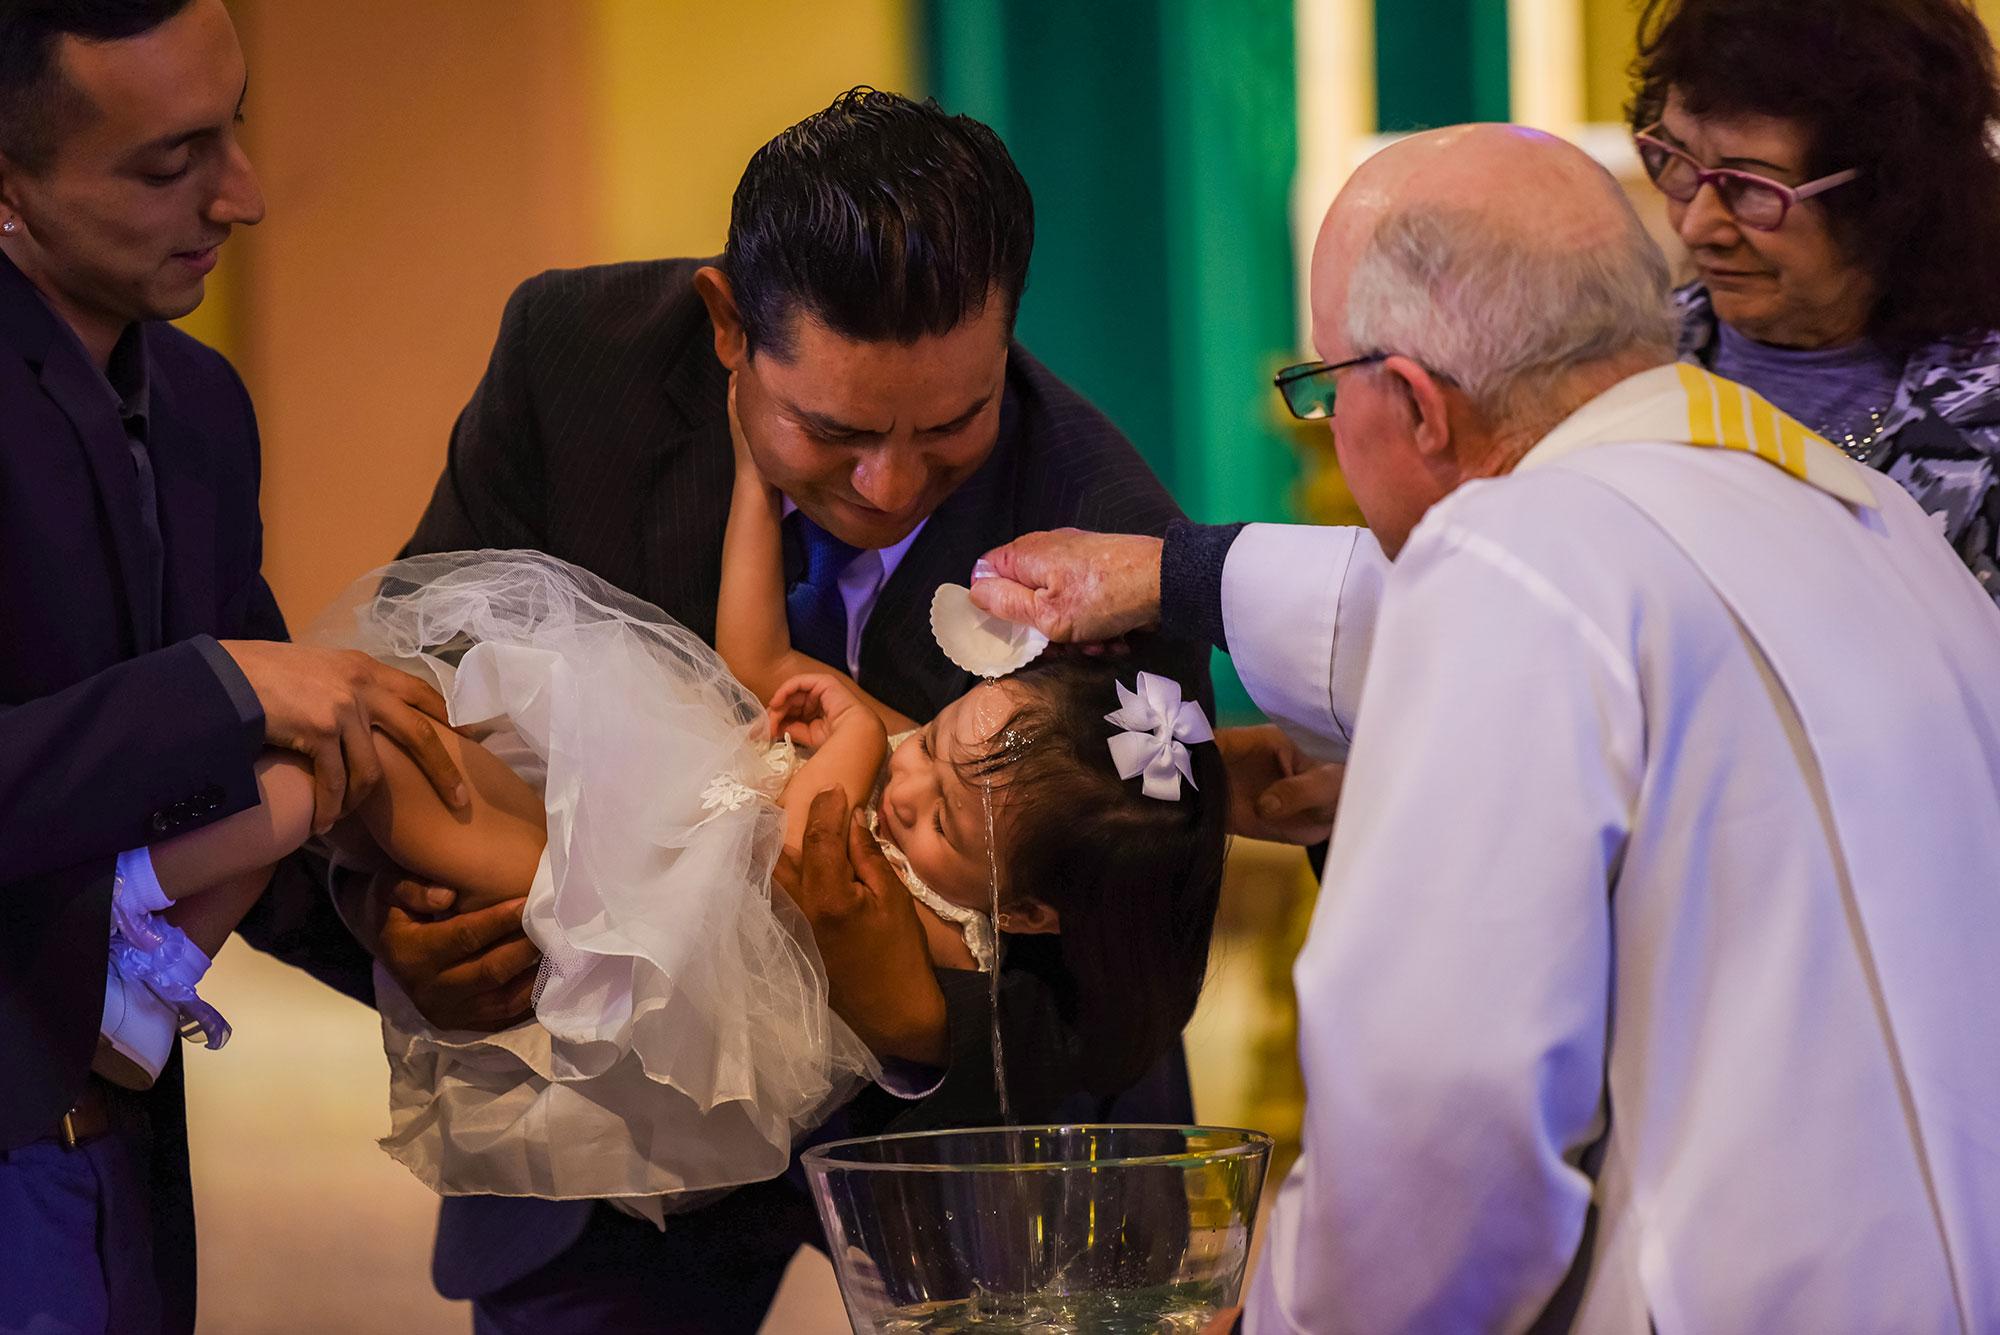 https://bworthyphotography.smugmug.com/BW-Website-Family-Session/Mai-Baptism